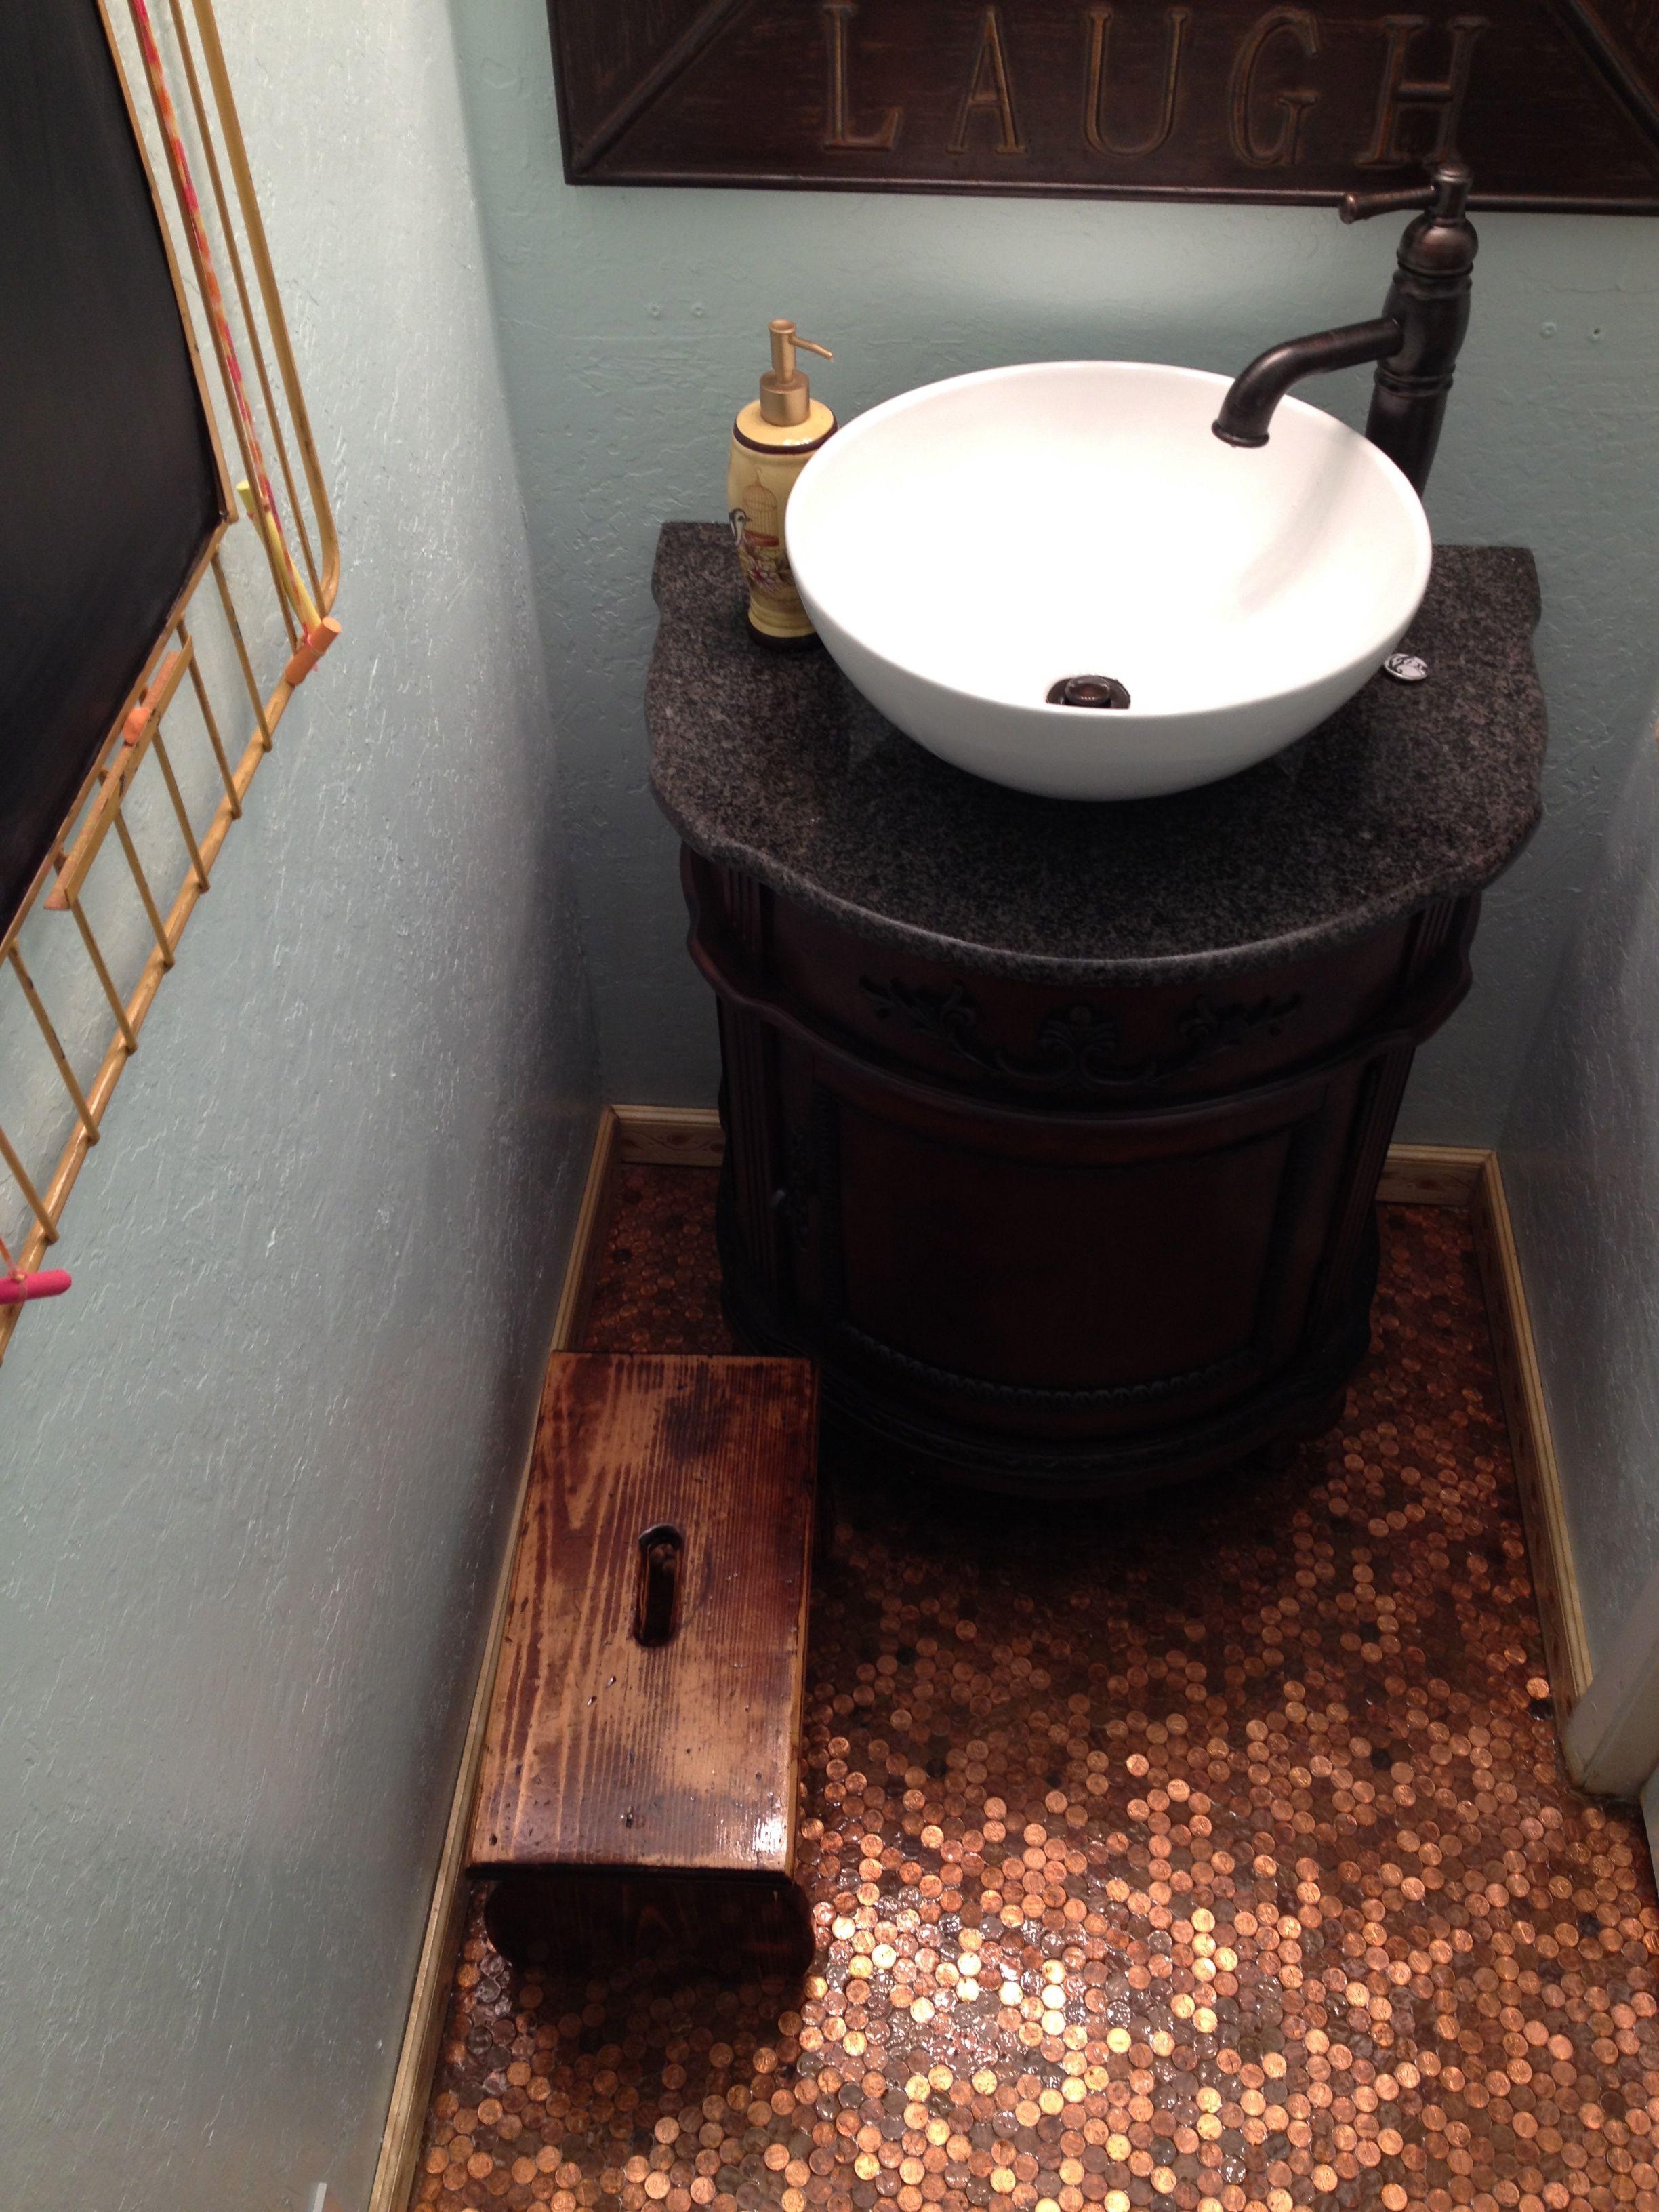 Penny Floor Amp Vessel Sink Downstairs Toilet Flooring